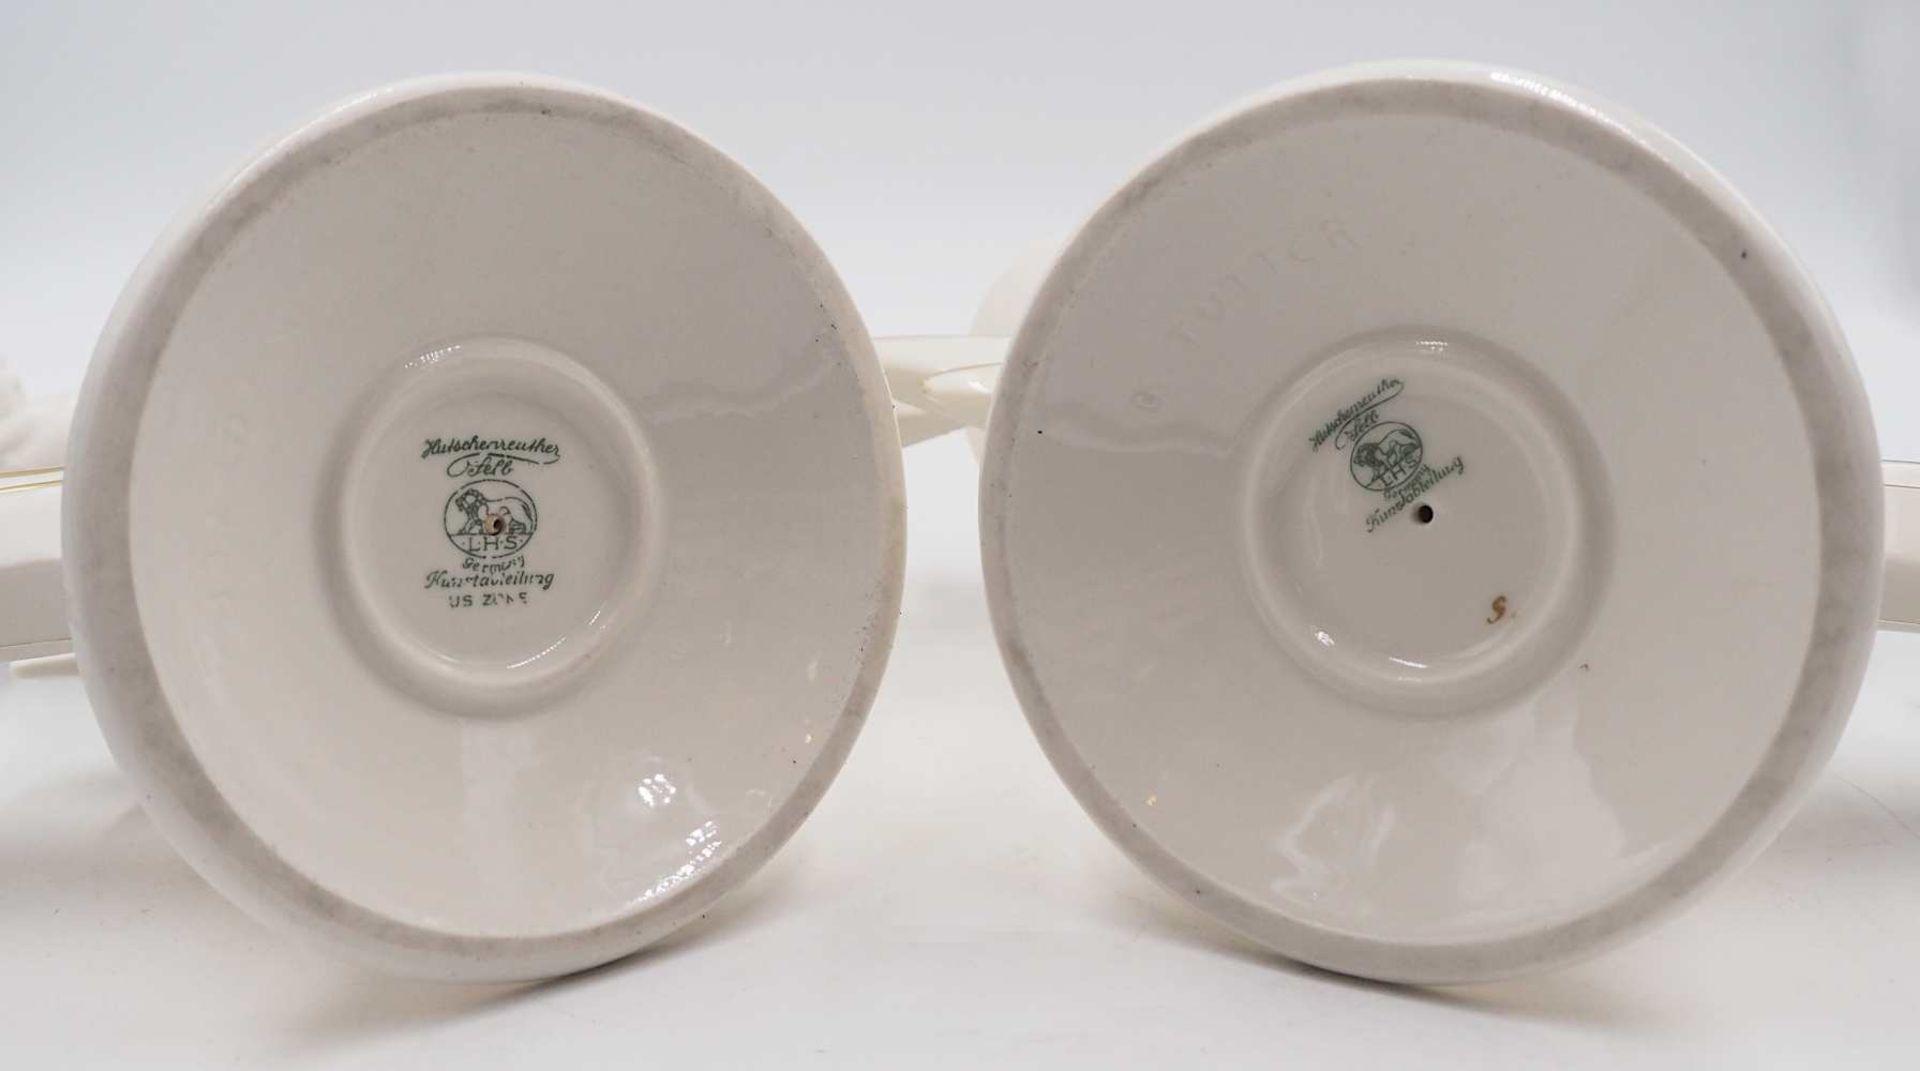 1 Pendant Kerzenleuchter Porzellan HUTSCHENREUTHER, z.T. US-Zone Designer: K. TUTTER, - Bild 5 aus 5